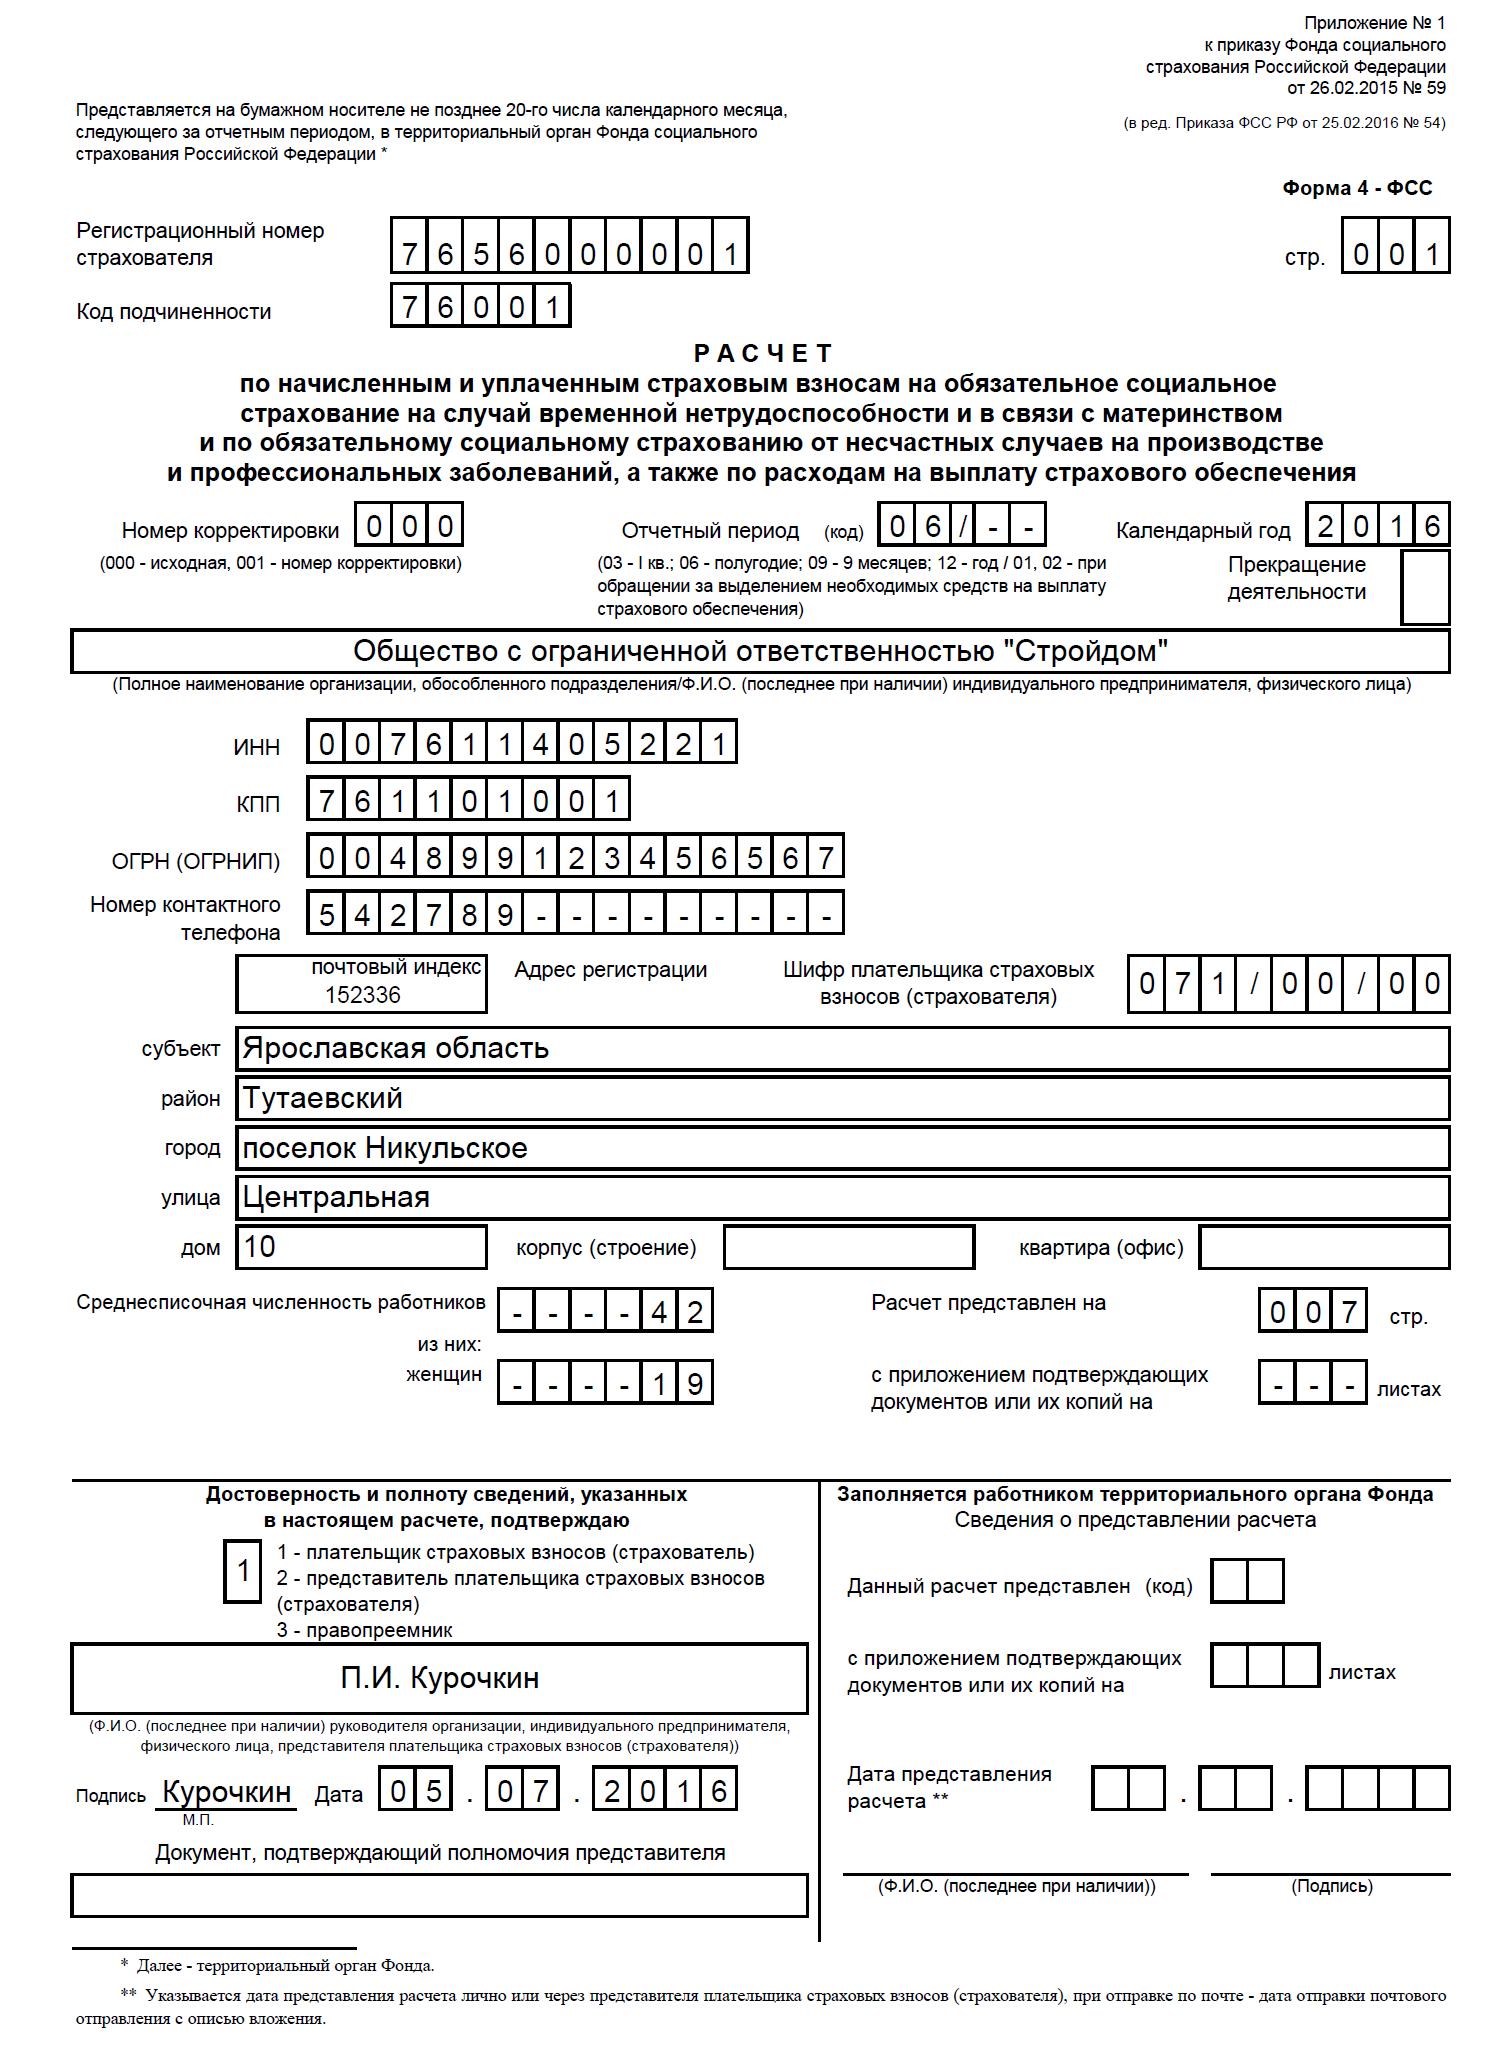 бланк налоговой отчетности за 1 квартал 2013